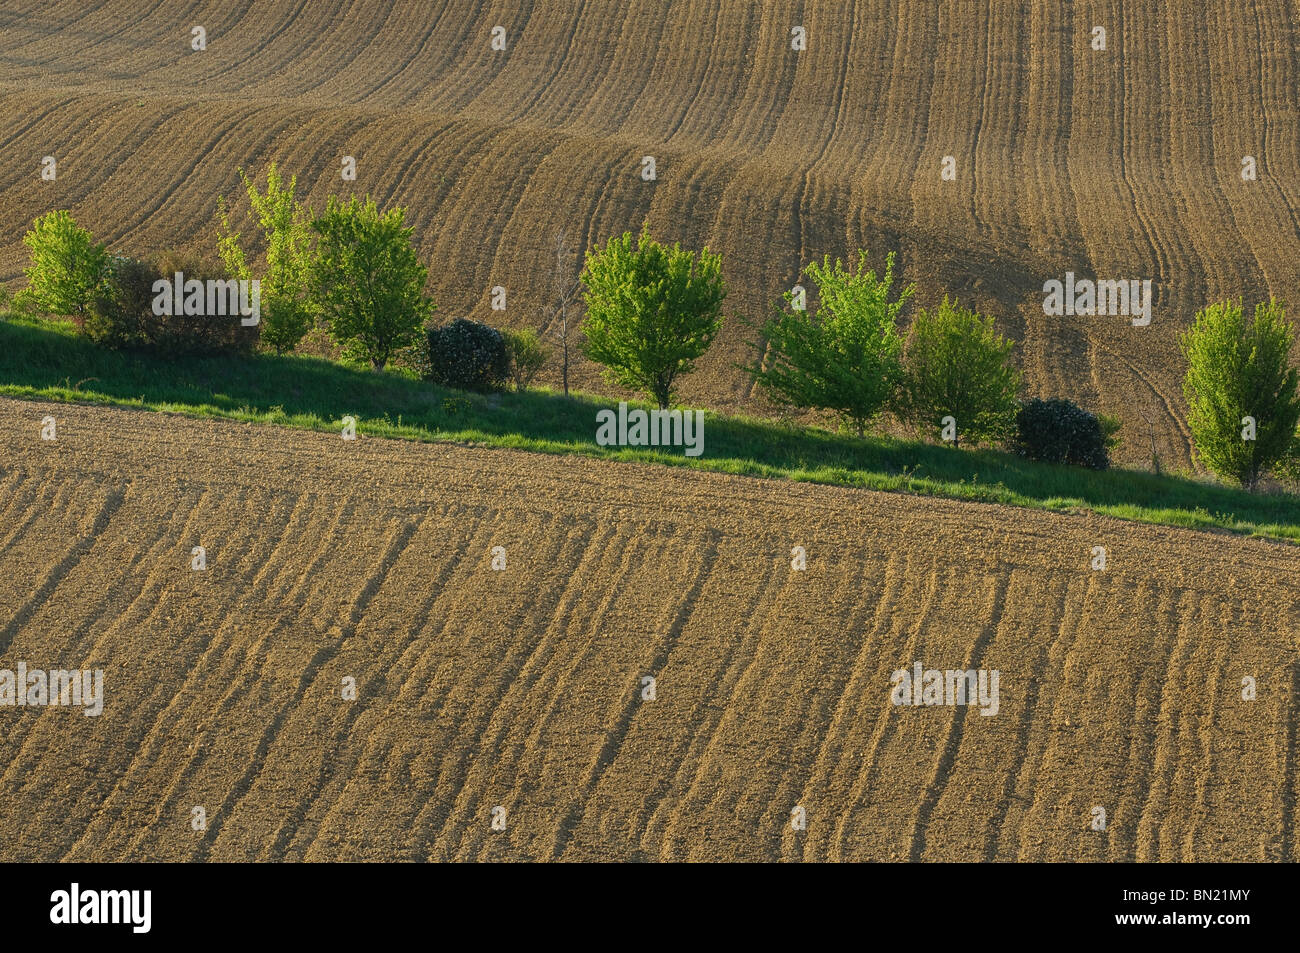 Paysage de champ dans le Lauragais. Haut lieu de l'agriculture notamment du colza, blé, .... - Stock Image